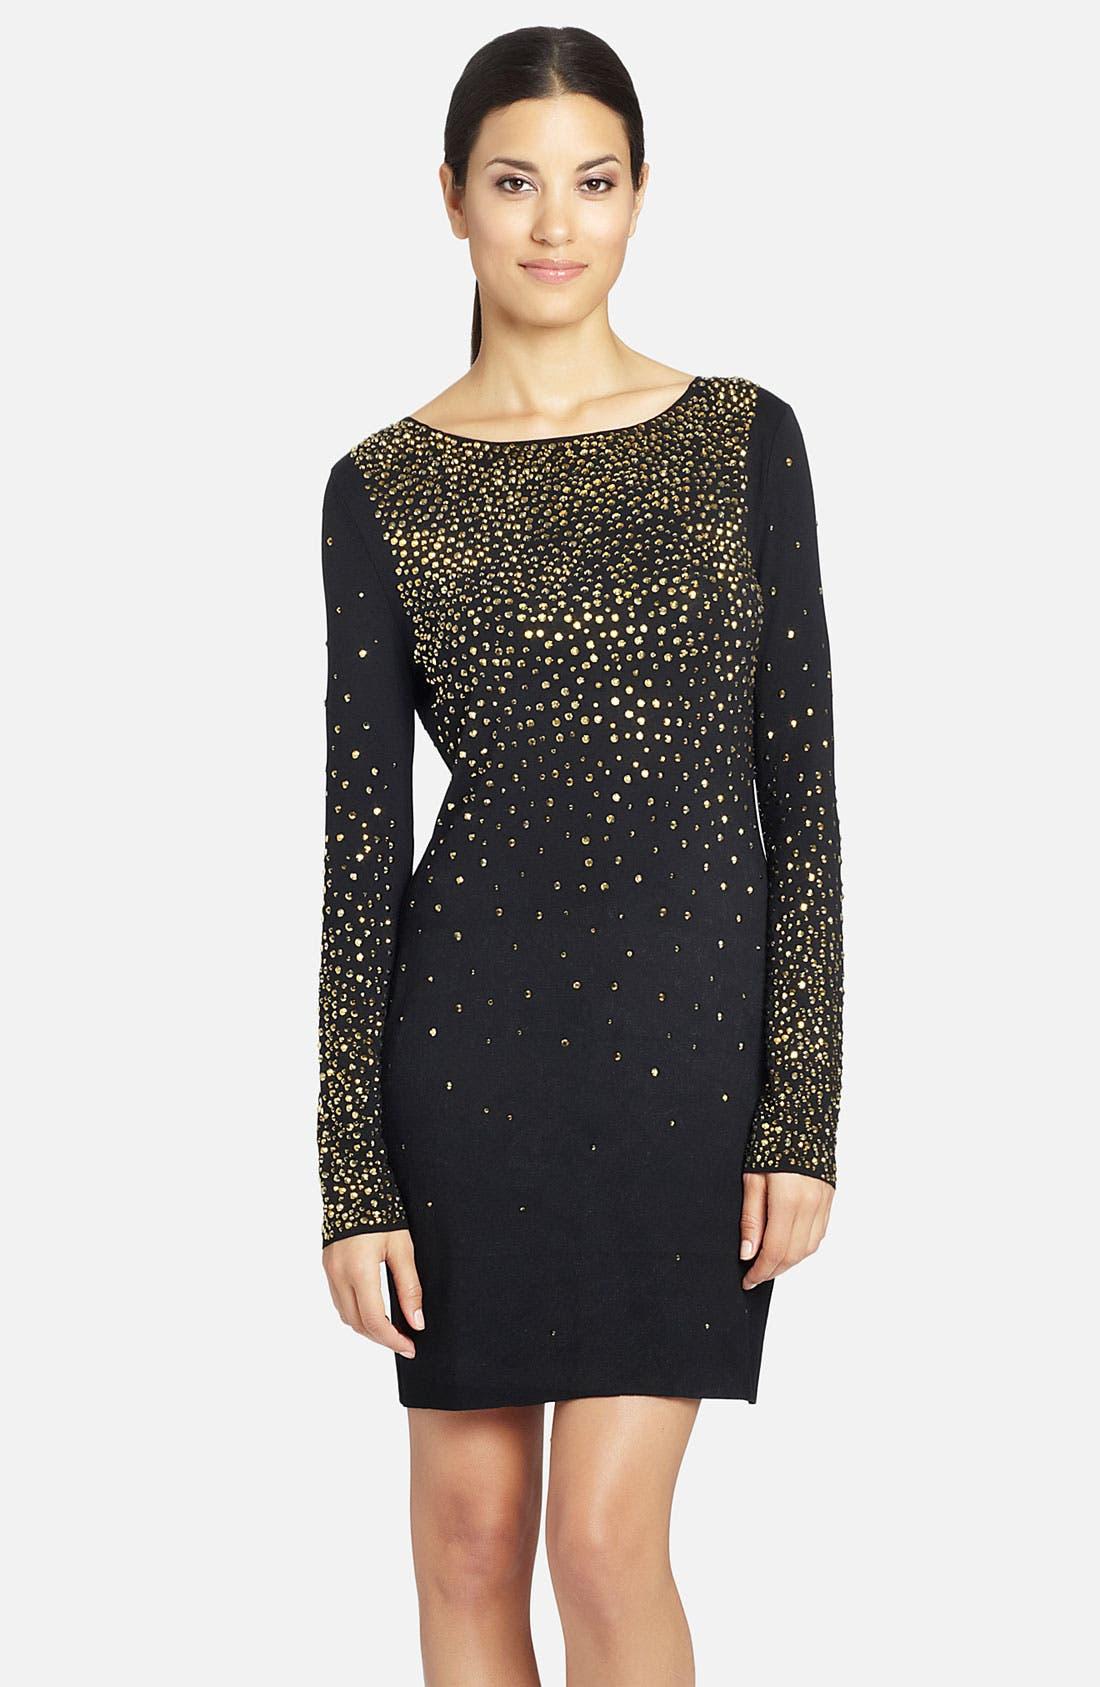 Alternate Image 1 Selected - Cynthia Steffe 'Nastasia' Long Sleeve Embellished Sheath Dress